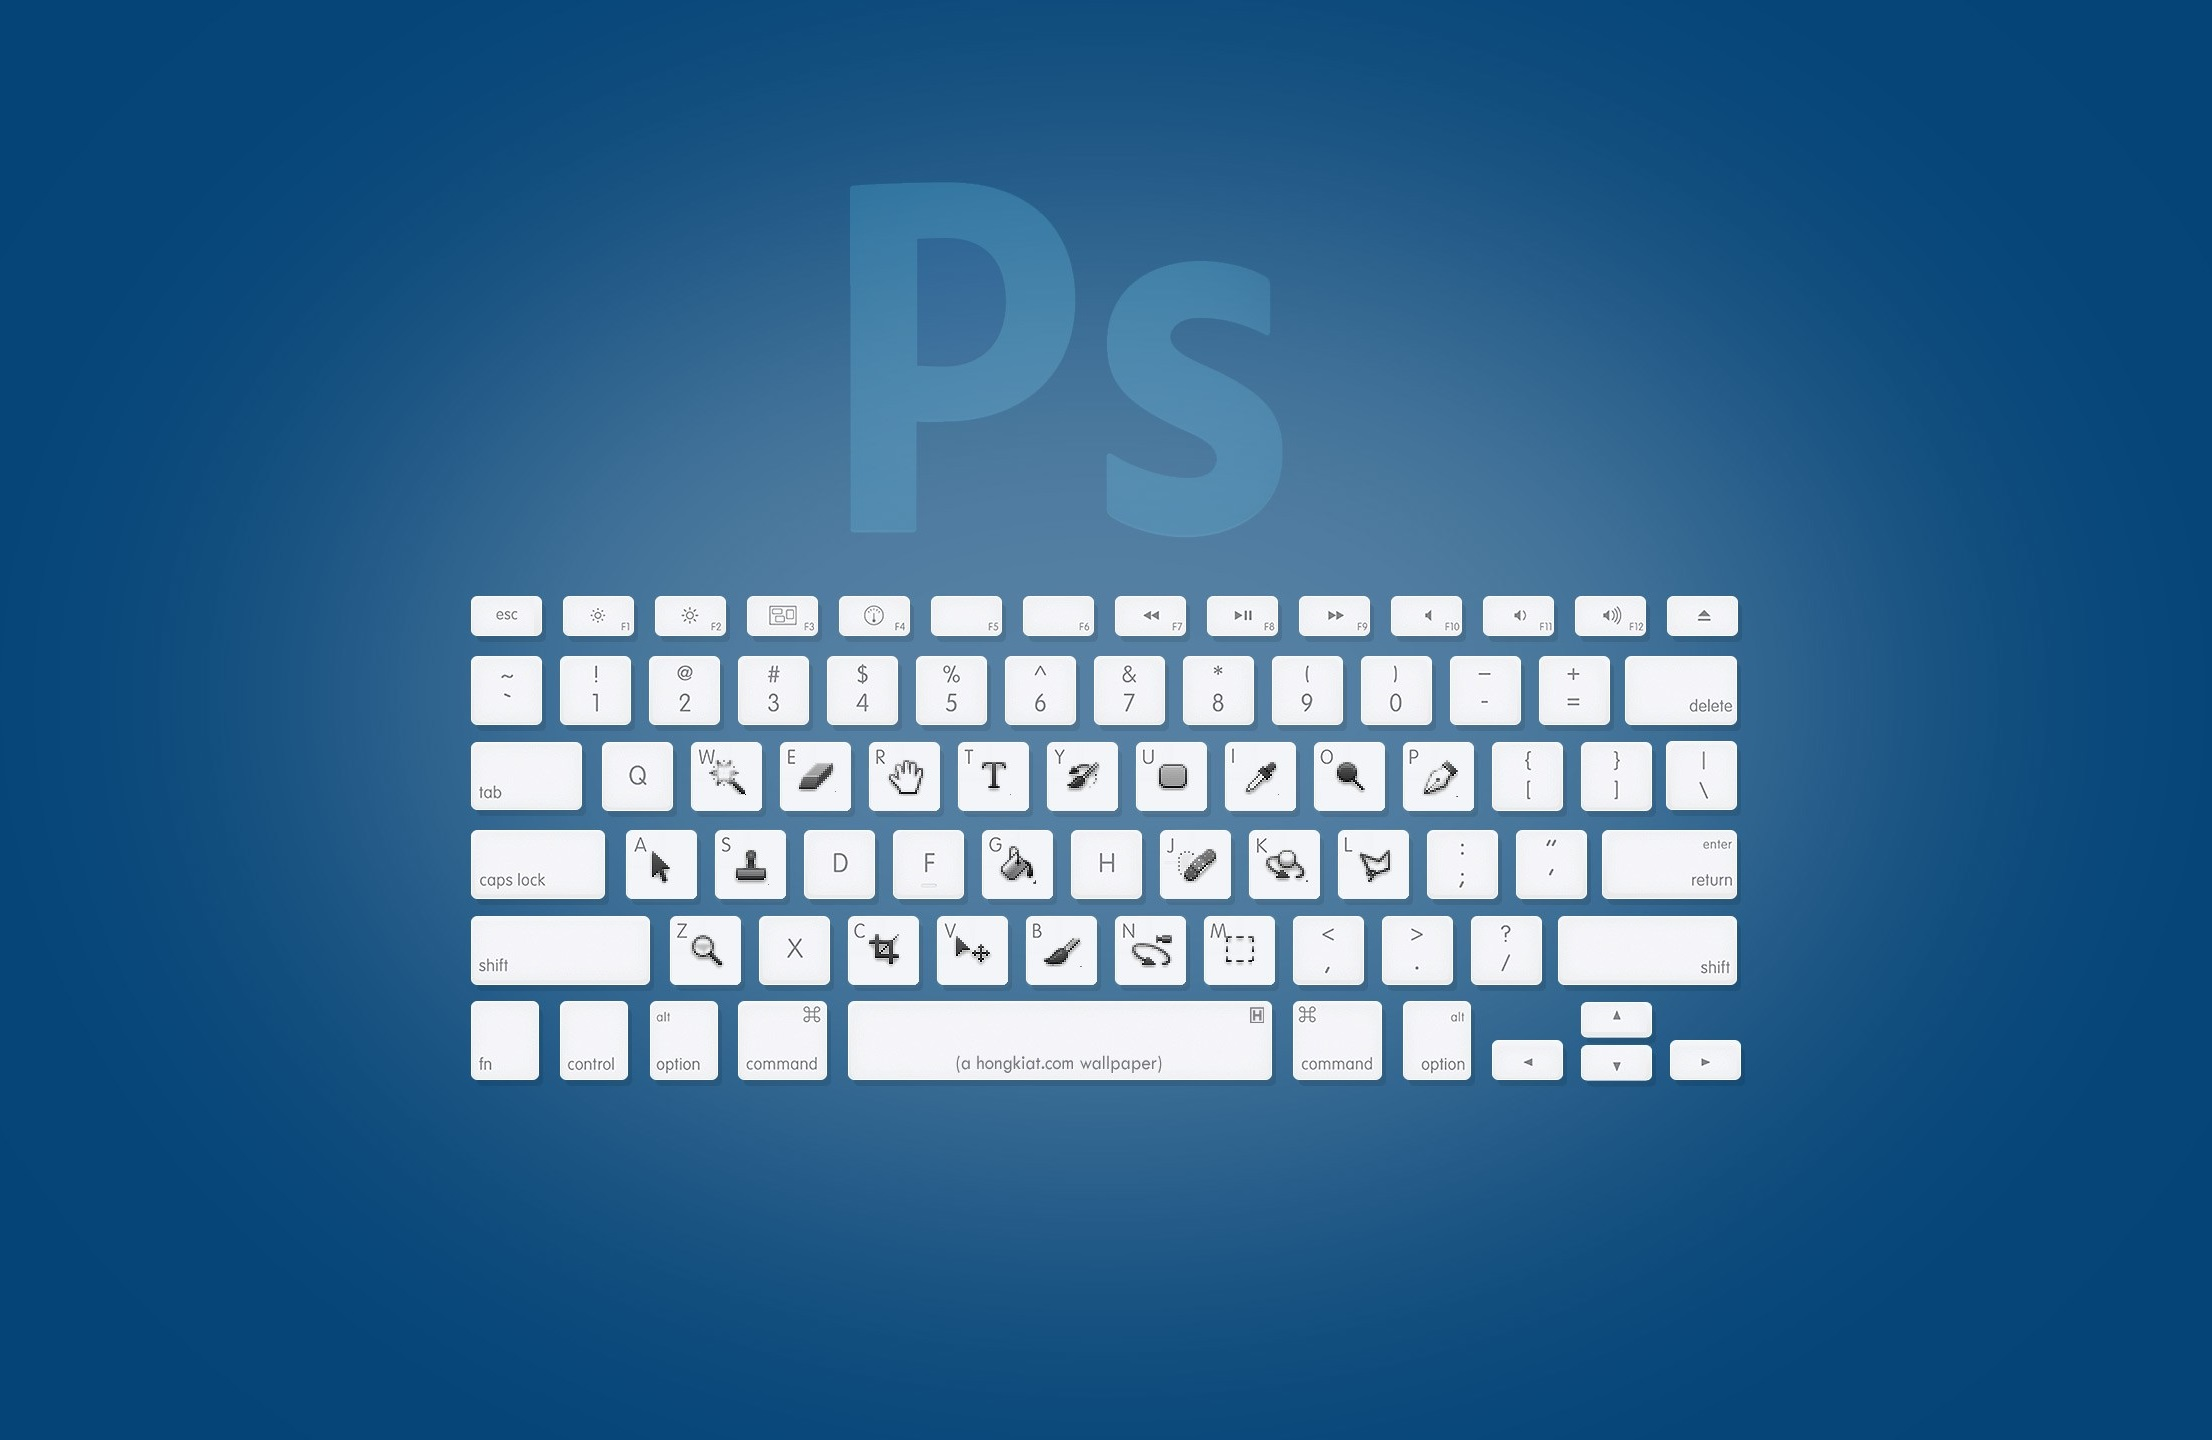 Thiết kế đồ họa Adobe Photoshop